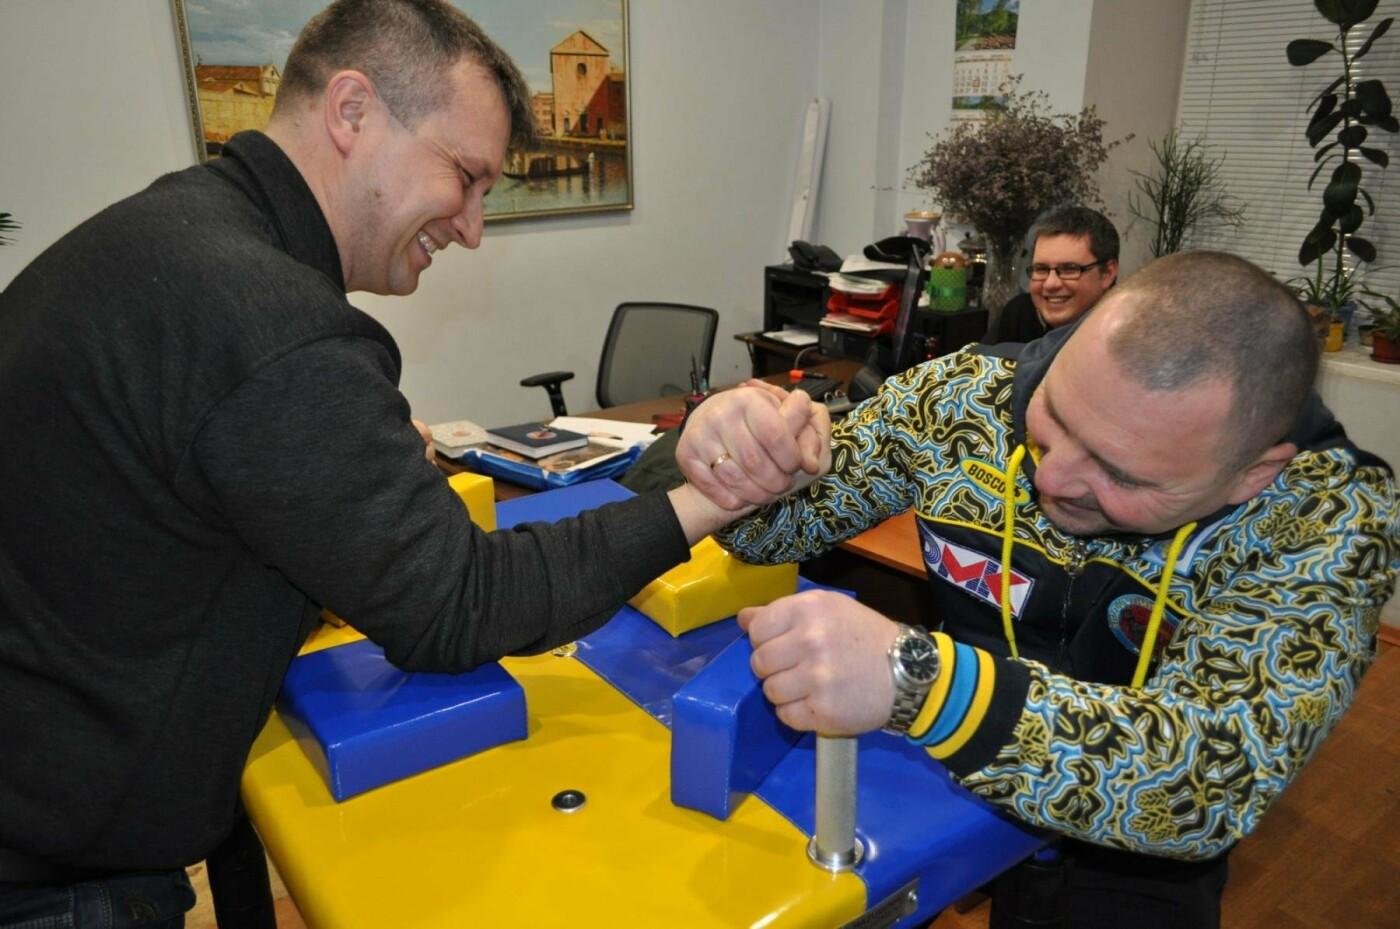 Армрестлеры ДМК скоро посоревнуются за новым столом, фото-2